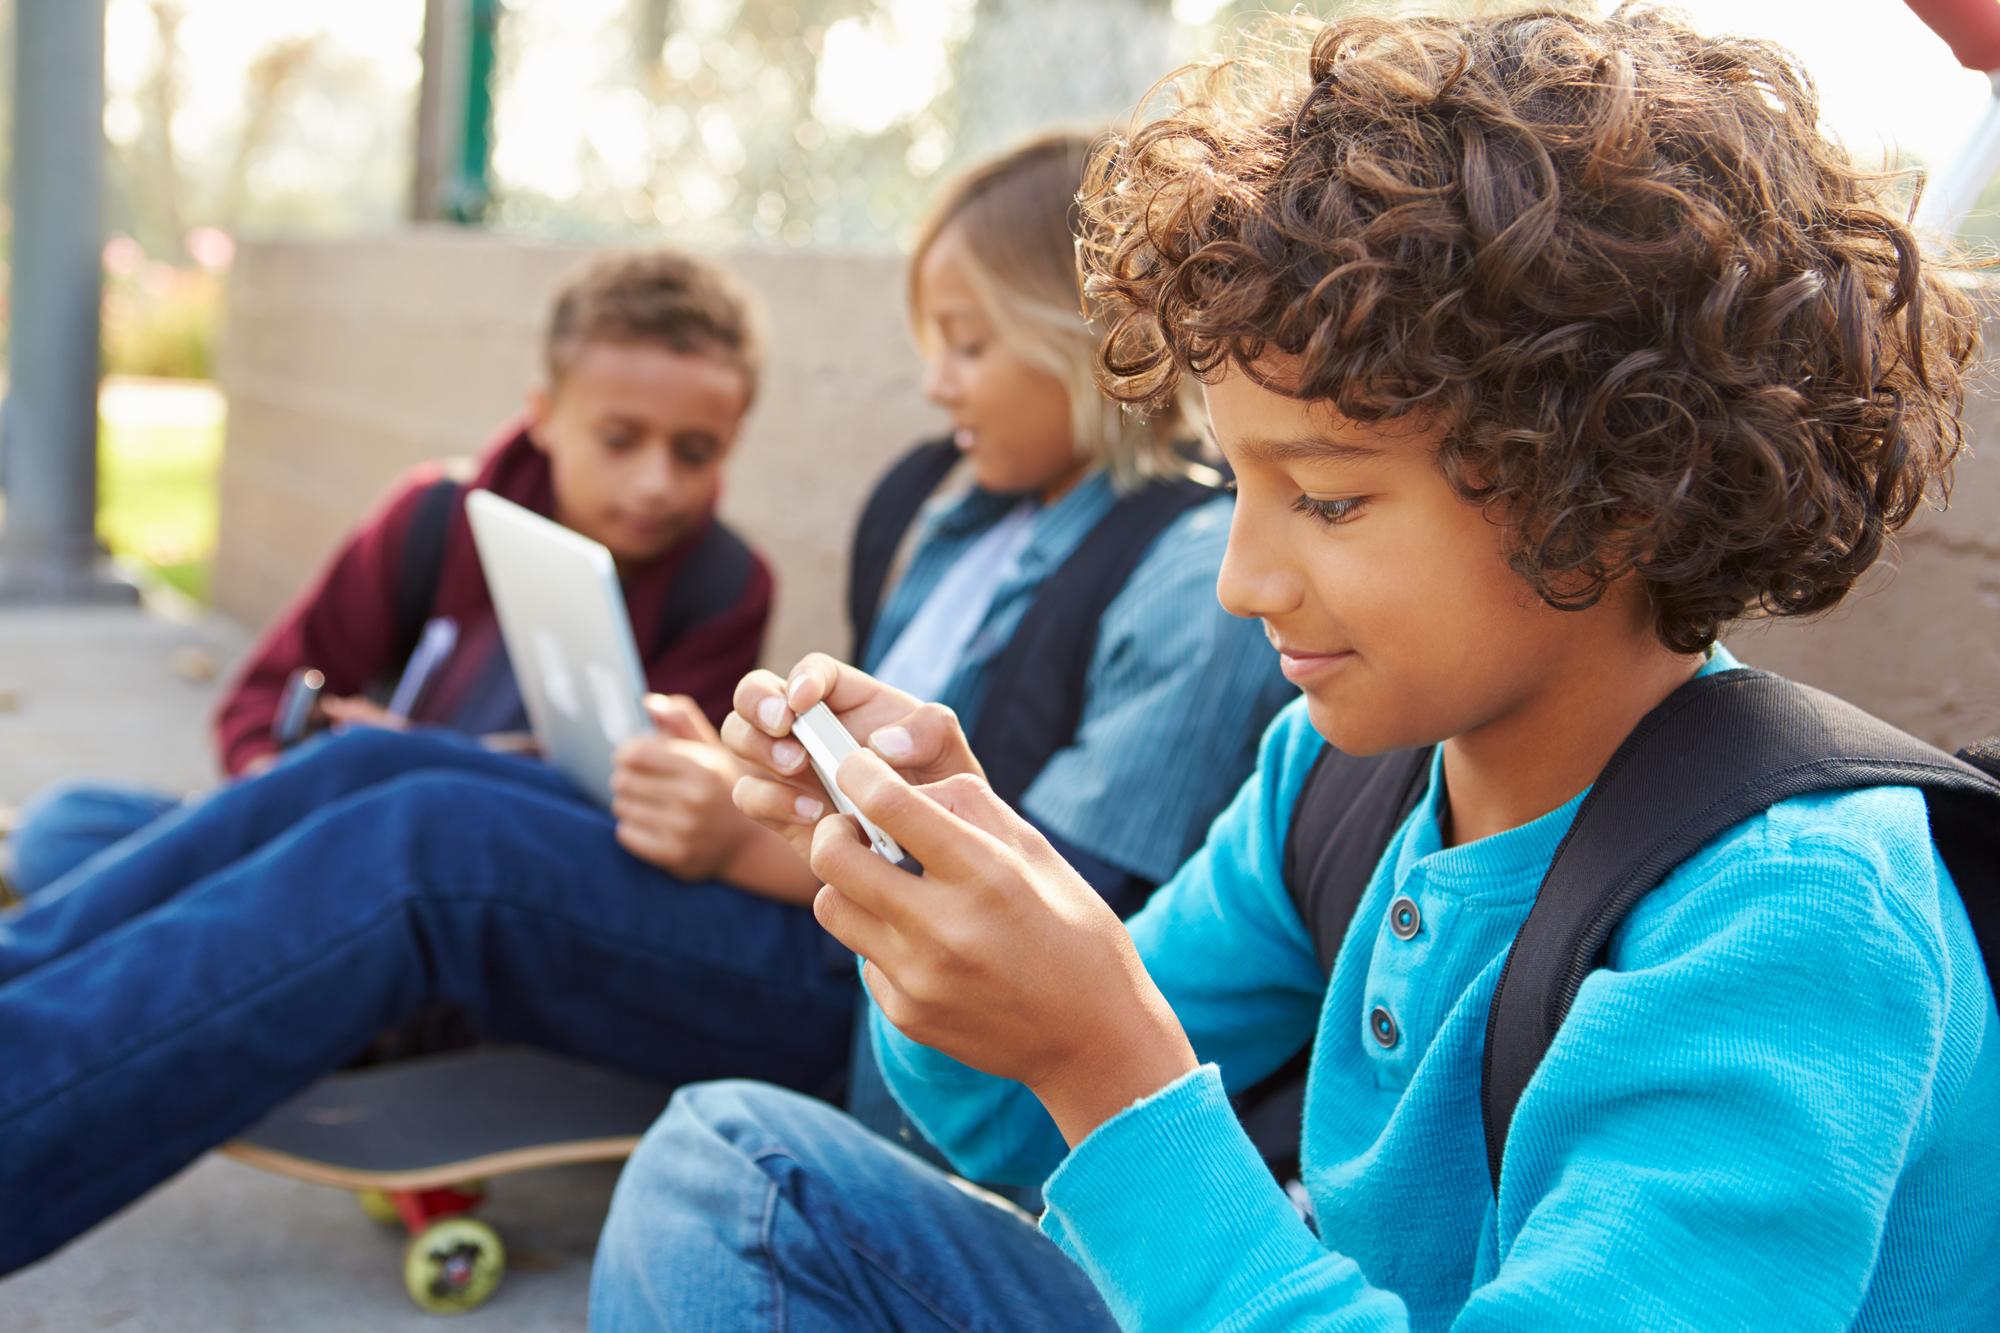 Distratti o multitasking? Smartphone e tablet e lo sviluppo dei bambini